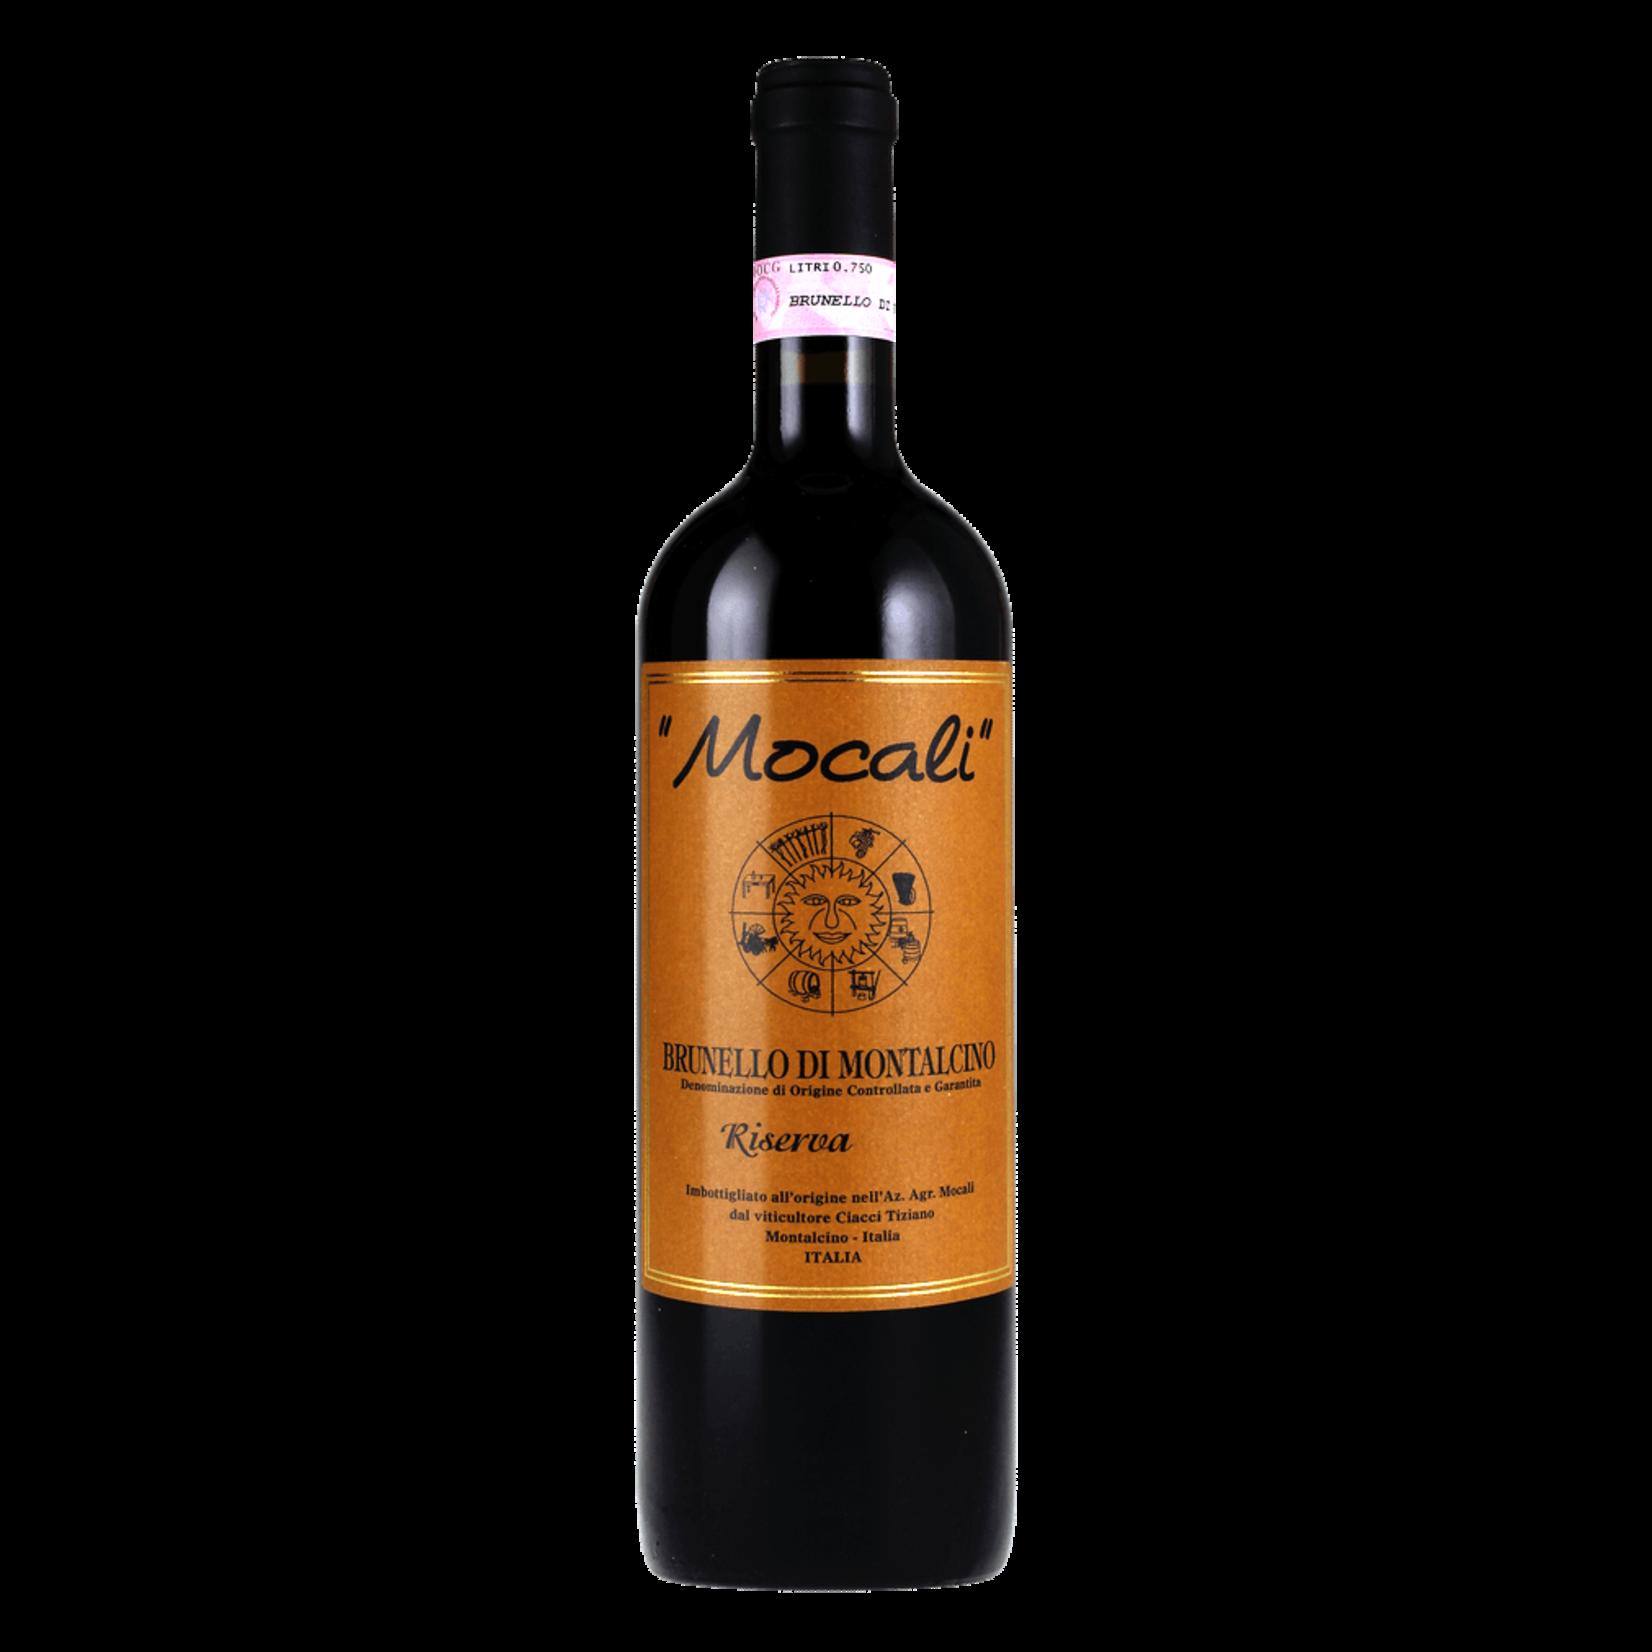 Wine Mocali Brunello di Montalcino Riserva 2013